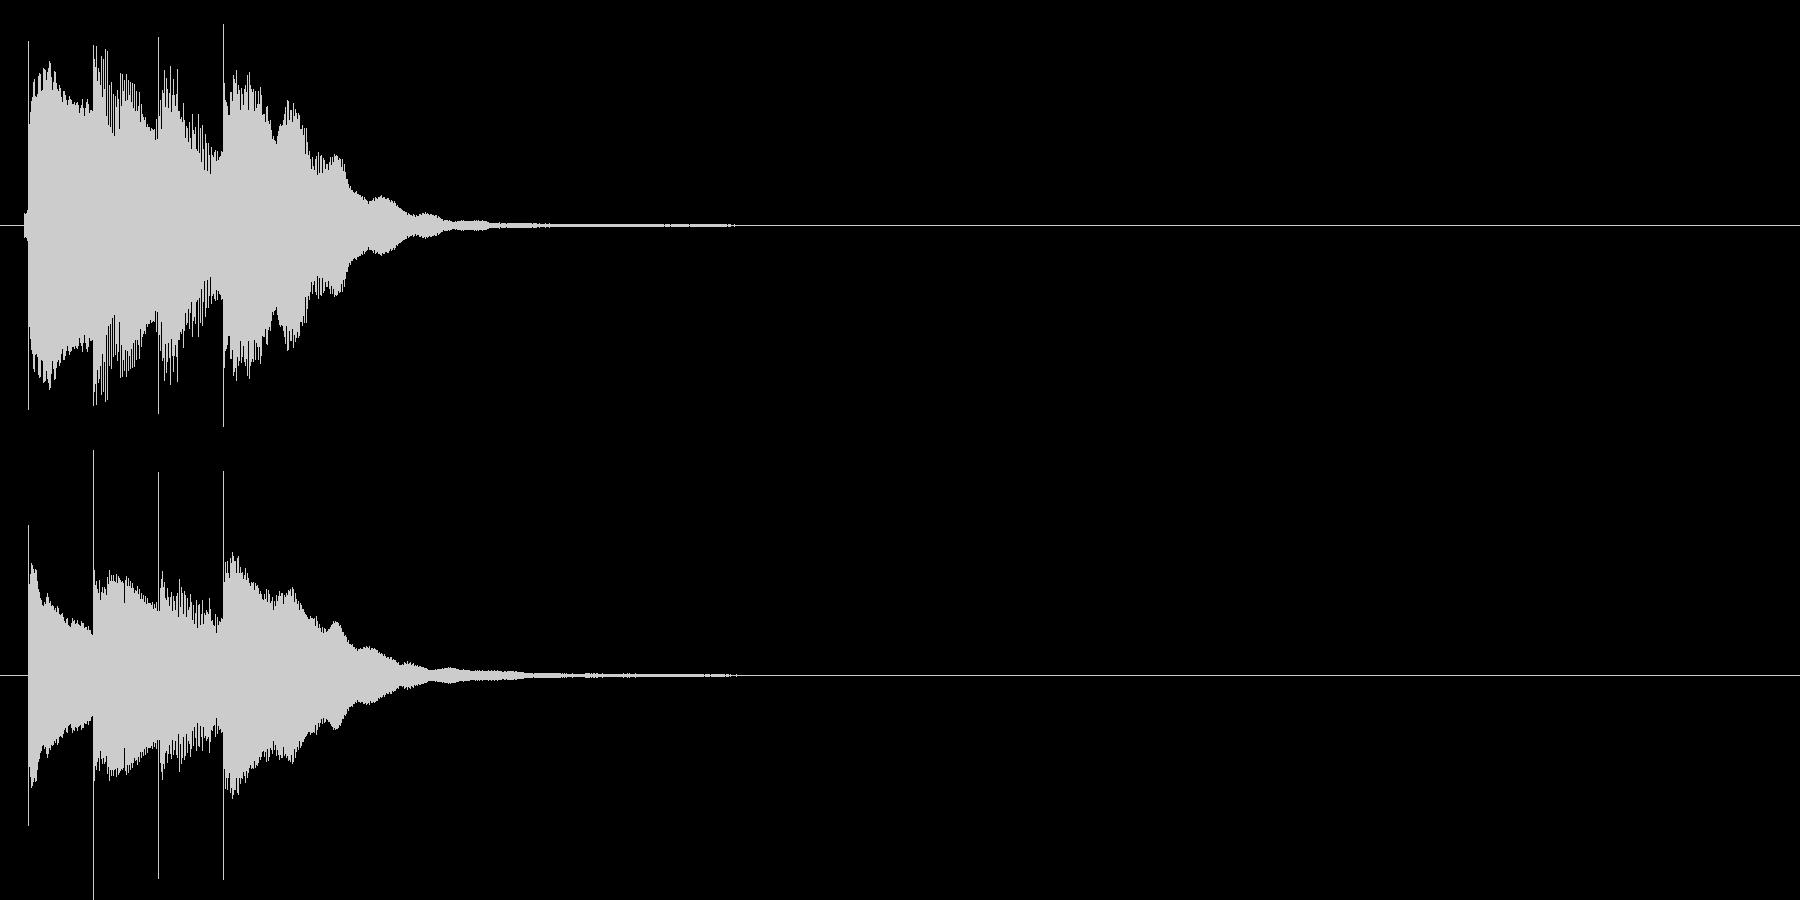 アラーム音02 グロッケン(sus4)の未再生の波形